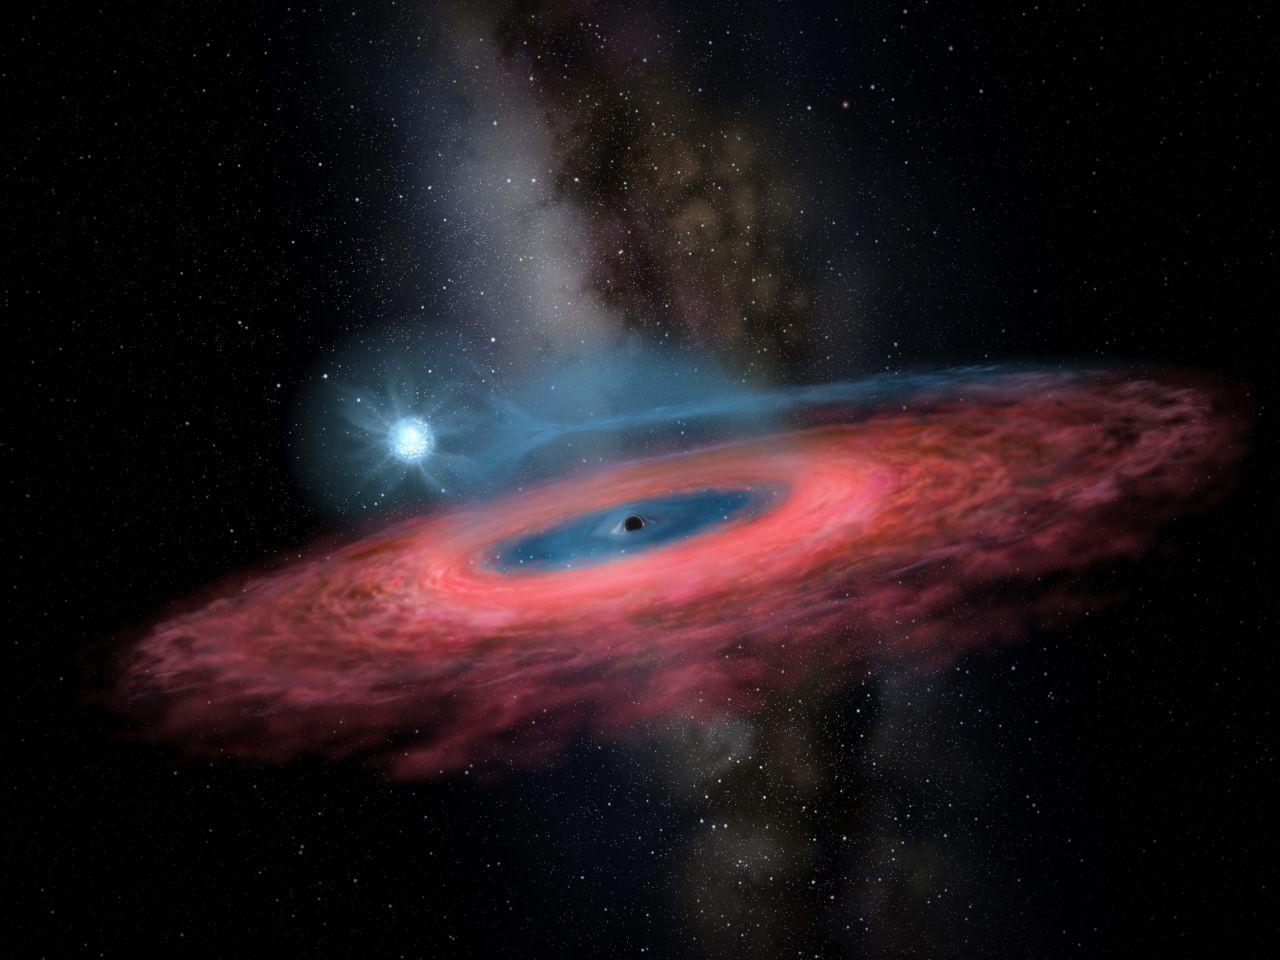 Dieses Foto zeigt die künstlerische Darstellung eines Schwarzen Lochs